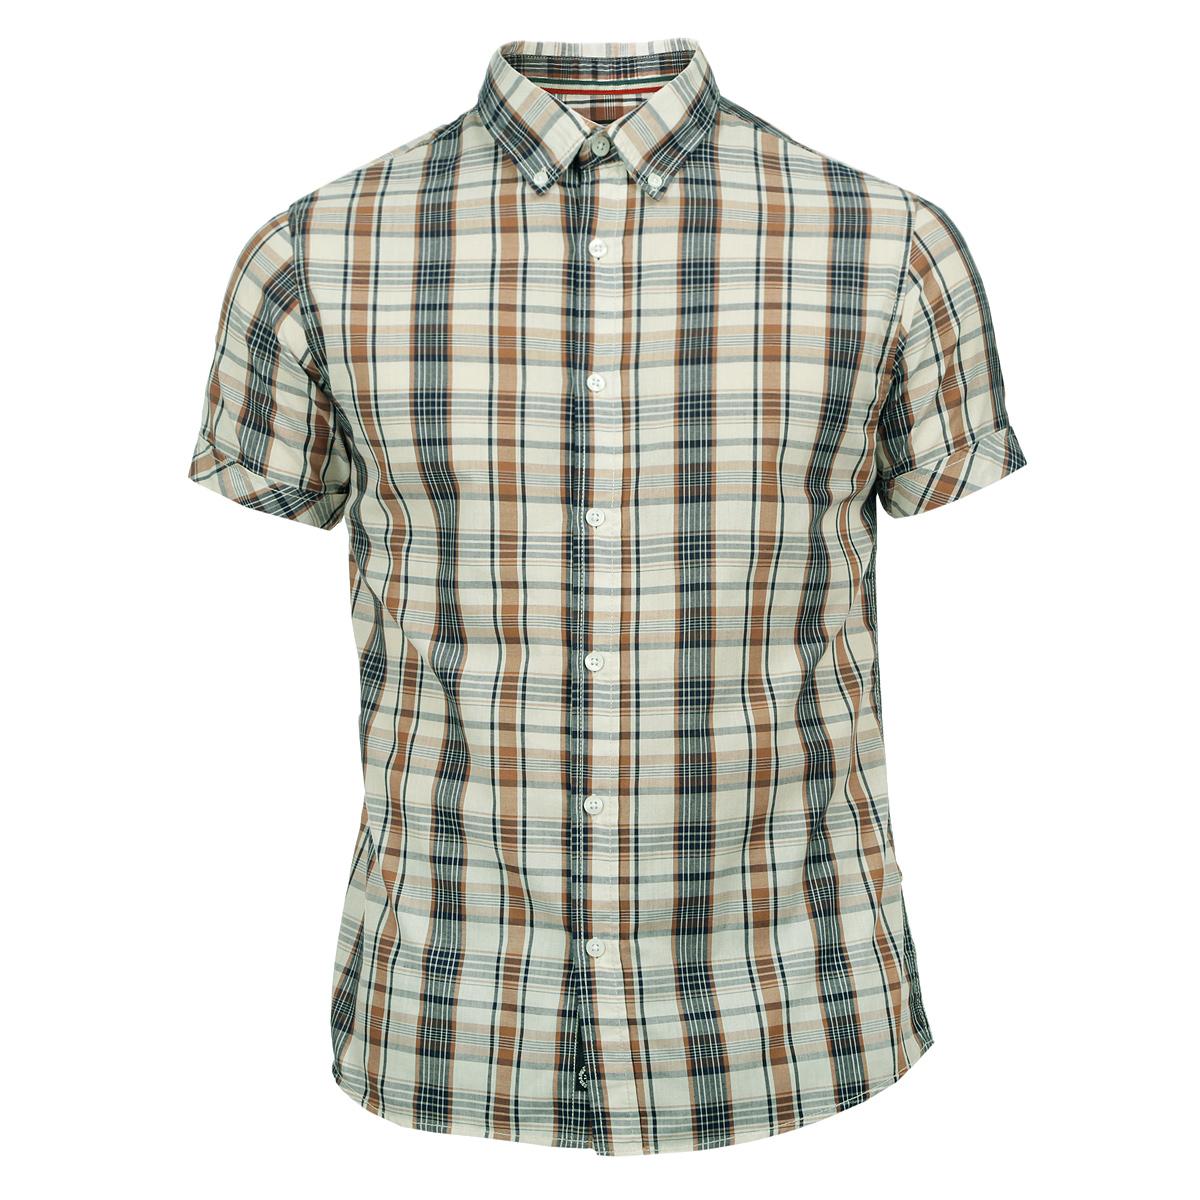 10152556 02BСтильная мужская рубашка Broadway, изготовленная из высококачественного материала, необычайно мягкая и приятная на ощупь, не сковывает движения и позволяет коже дышать, обеспечивая наибольший комфорт. Модная рубашка прямого кроя с короткими рукавами, отложным воротником и полукруглым низом. Застегивается изделие на пуговицы. Эта рубашка идеальный вариант для повседневного гардероба. Такая модель порадует настоящих ценителей комфорта и практичности!